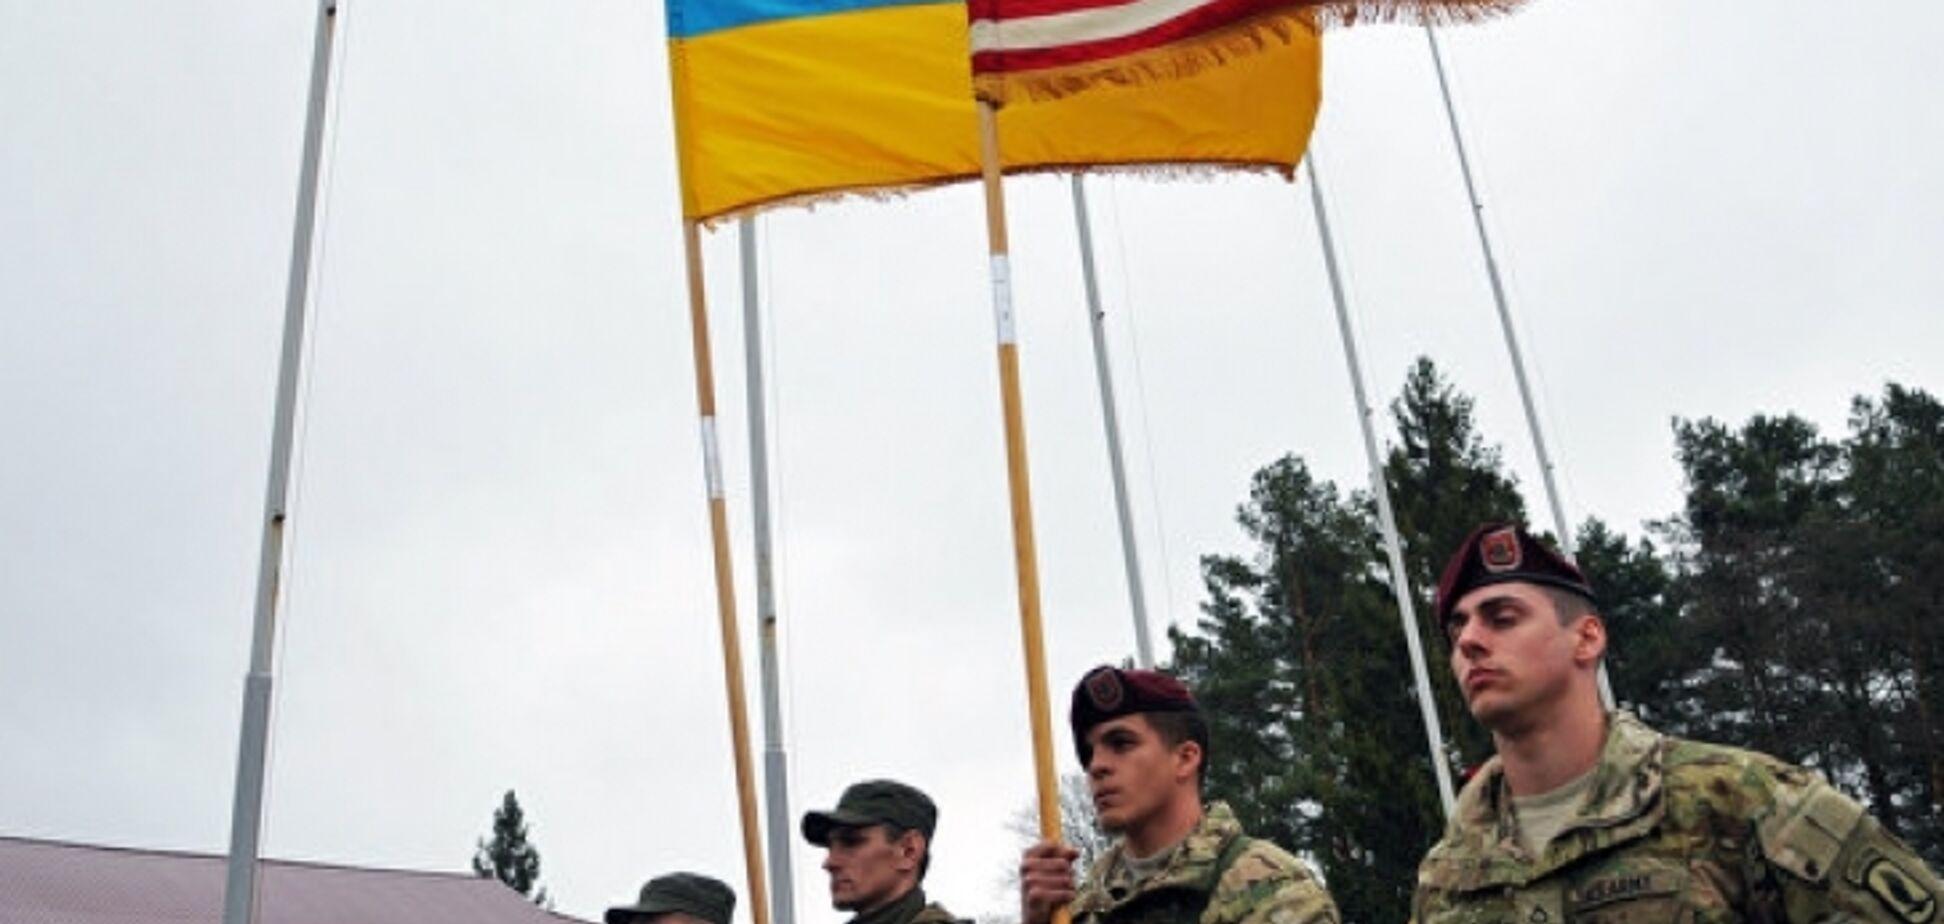 'Американцы на Донбассе': террористы забили тревогу из-за внезапного 'усиления' ВСУ